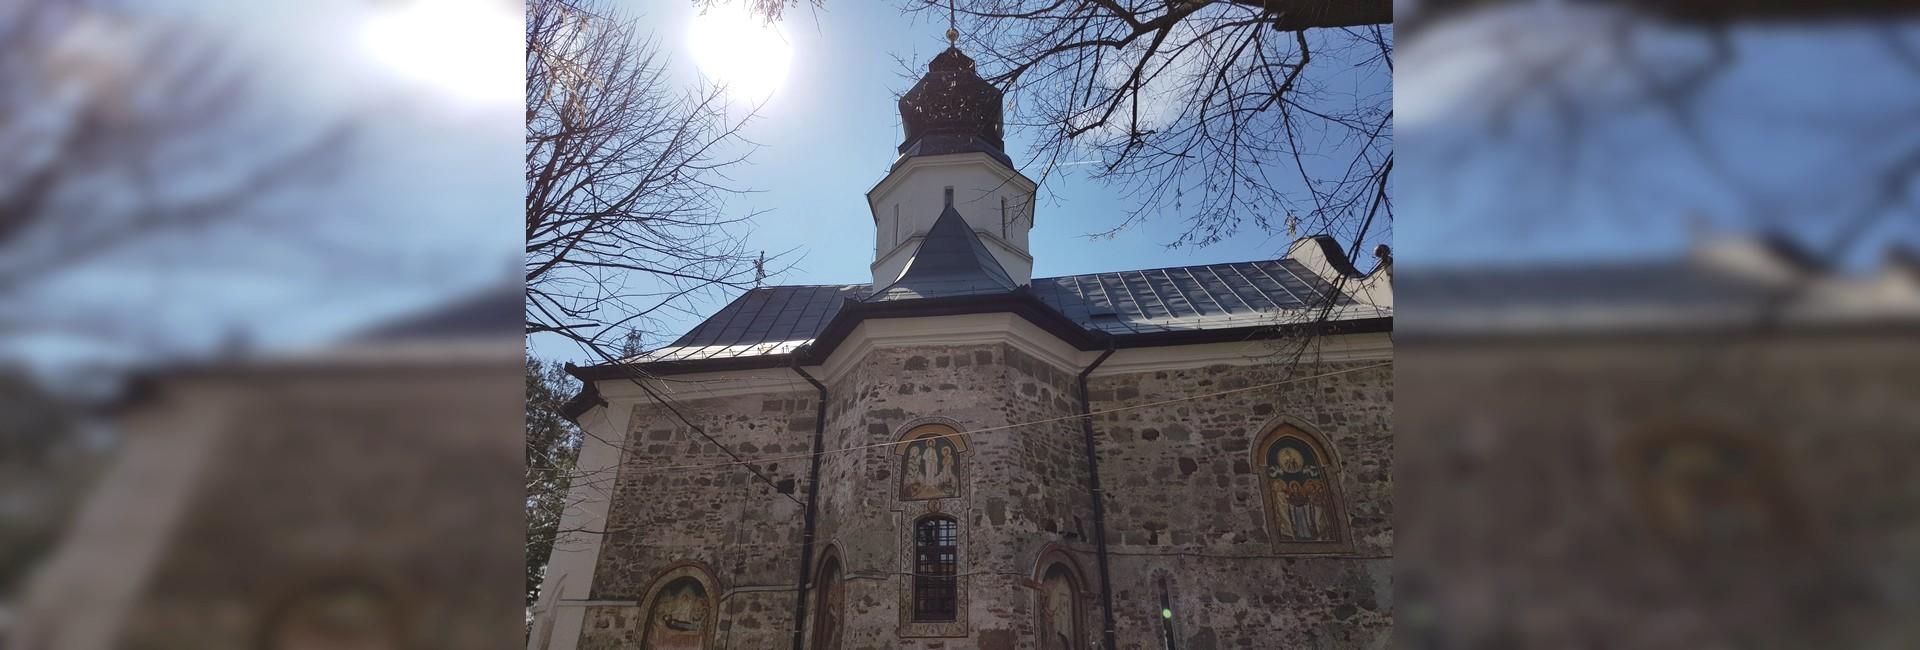 mănăstirea Hodoş-Bodrog Arad Marea Unire Ioan Ignatie Papp Vasile Goldiş slider